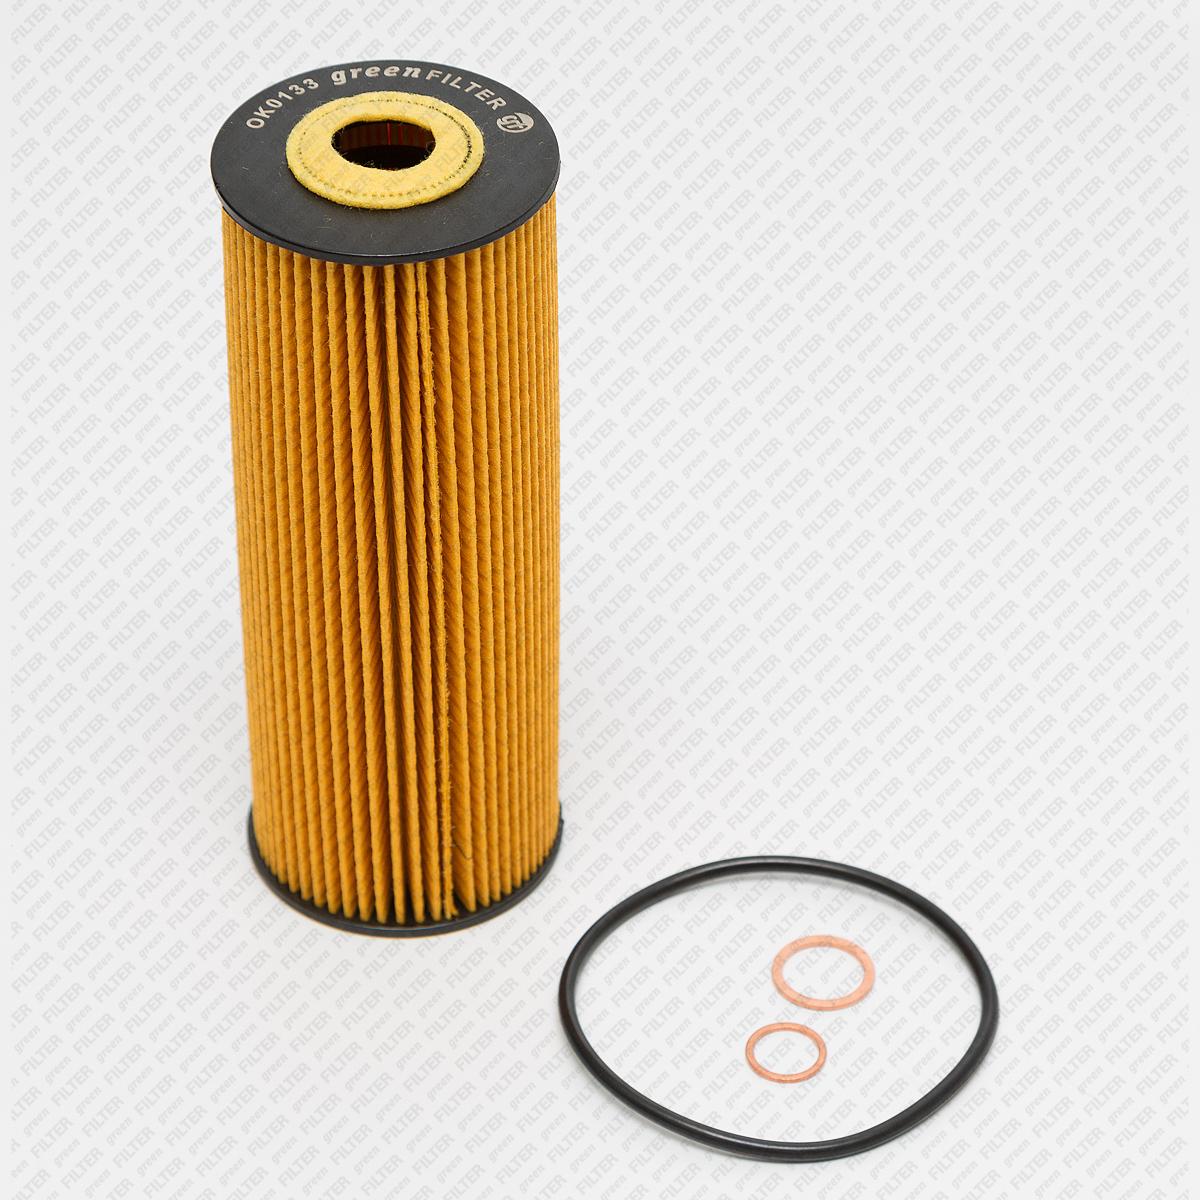 GREEN FILTER OK0133   Фильтр масляный MB W202/W210/S124 -02   Купить в интернет-магазине Макс-Плюс: Автозапчасти в наличии и под заказ